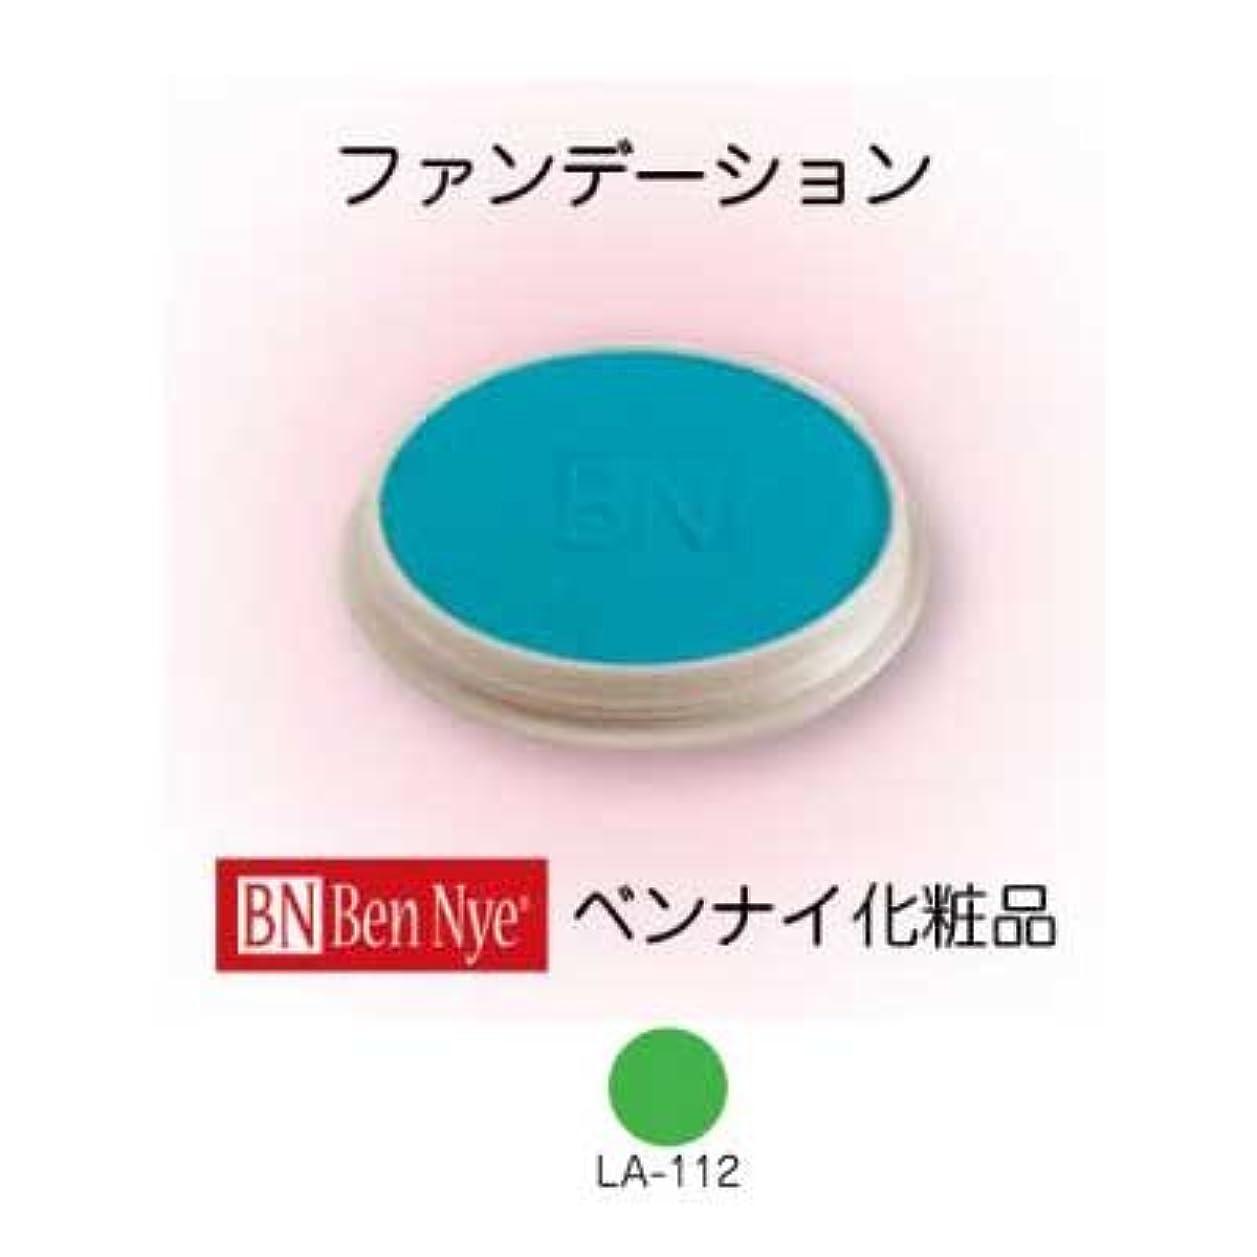 リンク支店蜂マジケーキ LA-112【ベンナイ化粧品】